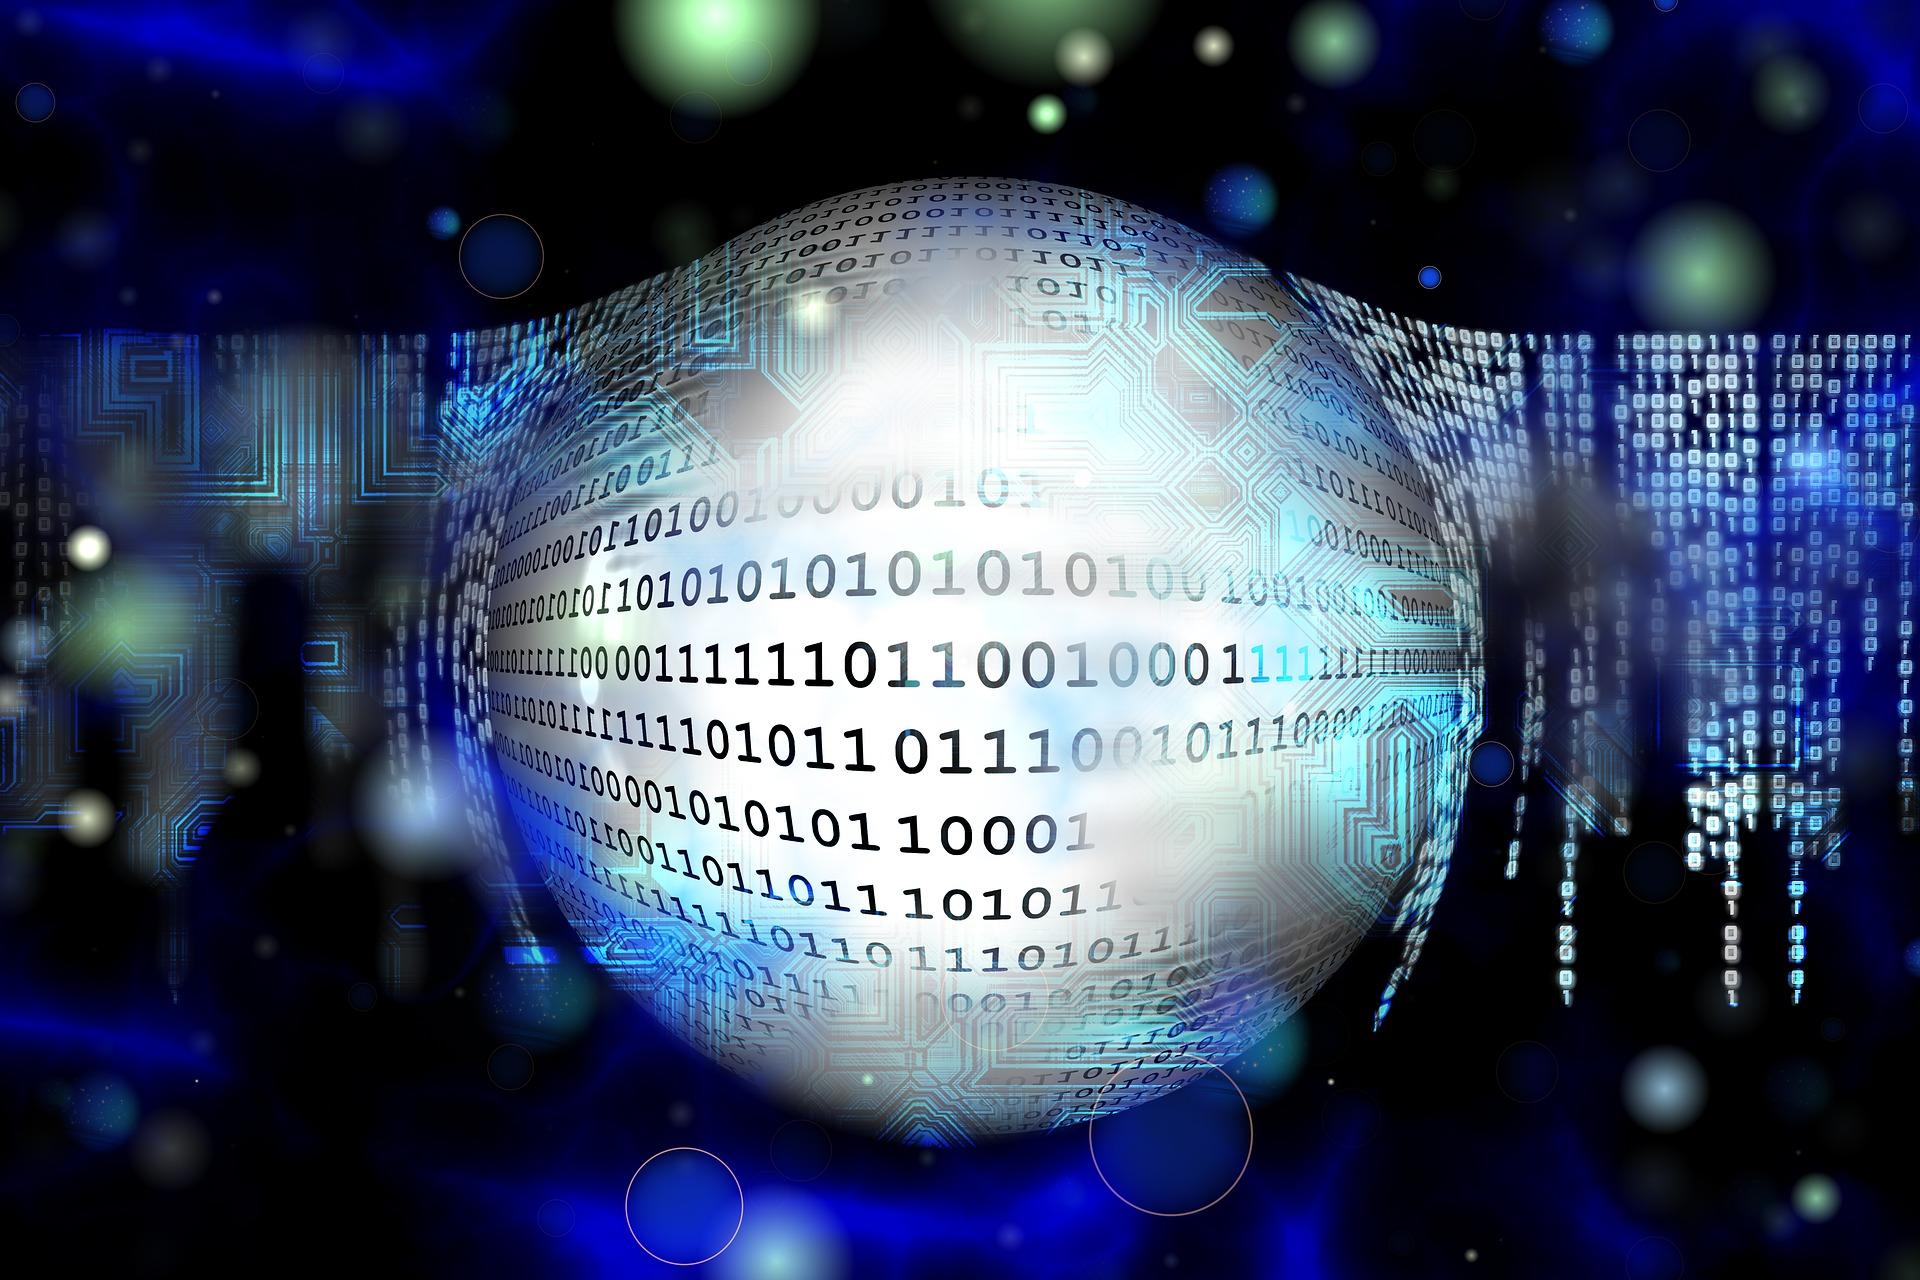 Minister Grapperhaus pleit voor het verzwakken van encryptie